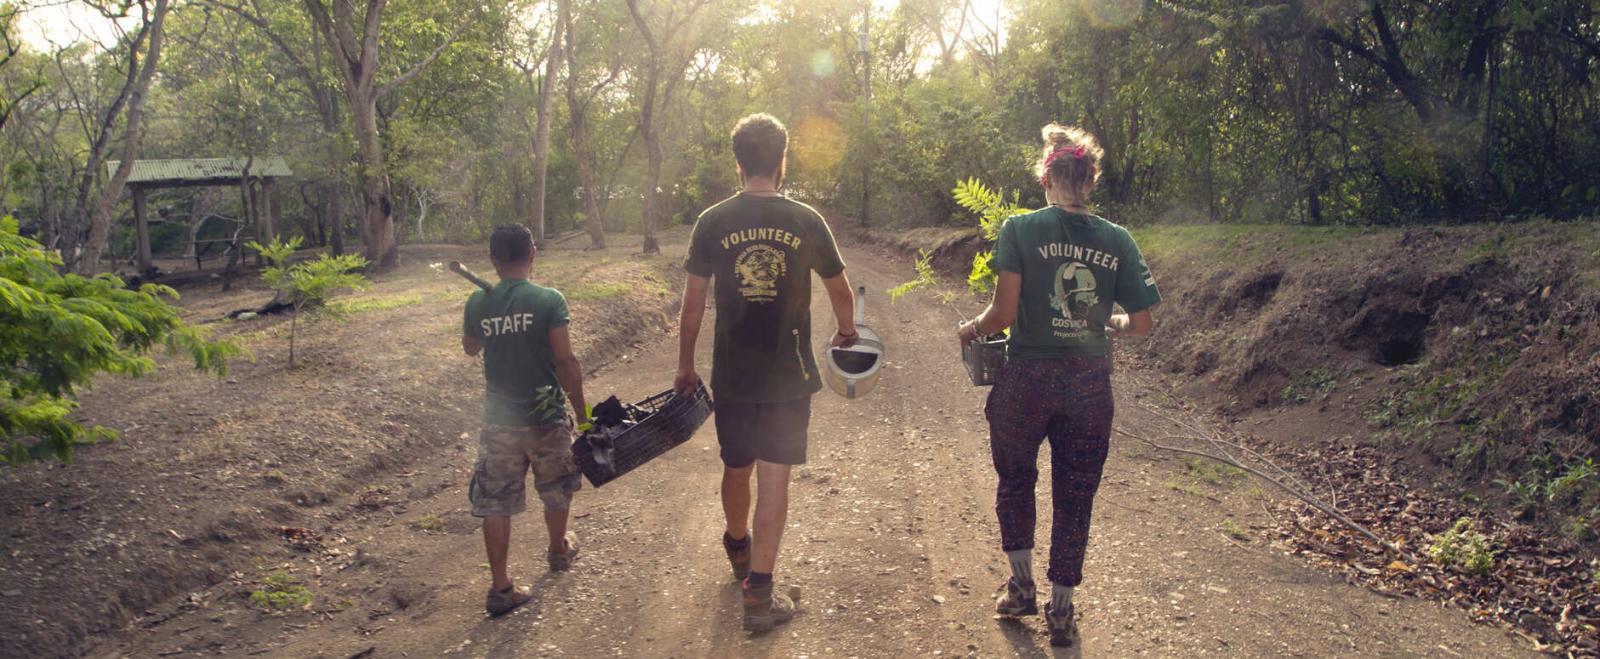 Projects Abroad vrijwilligers in het buitenland leveren een belangrijke bijdrage aan natuurbescherming in Costa Rica.